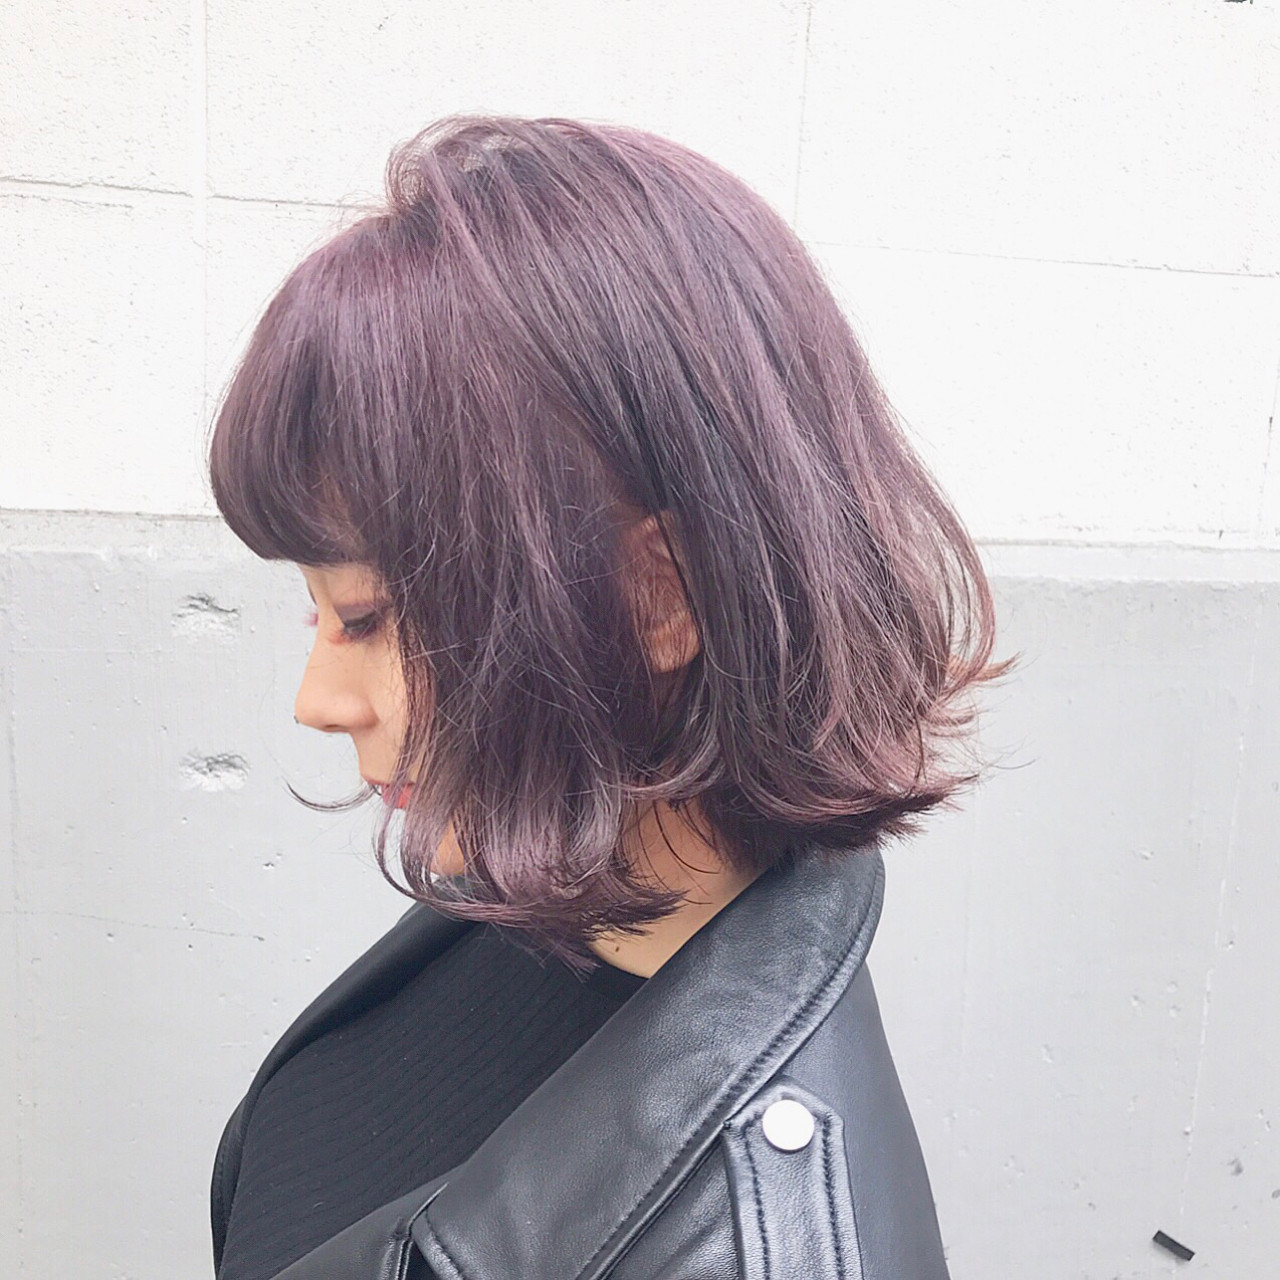 色気 ボブ ニュアンス ハイライト ヘアスタイルや髪型の写真・画像 | 落合 健二 / hair ales